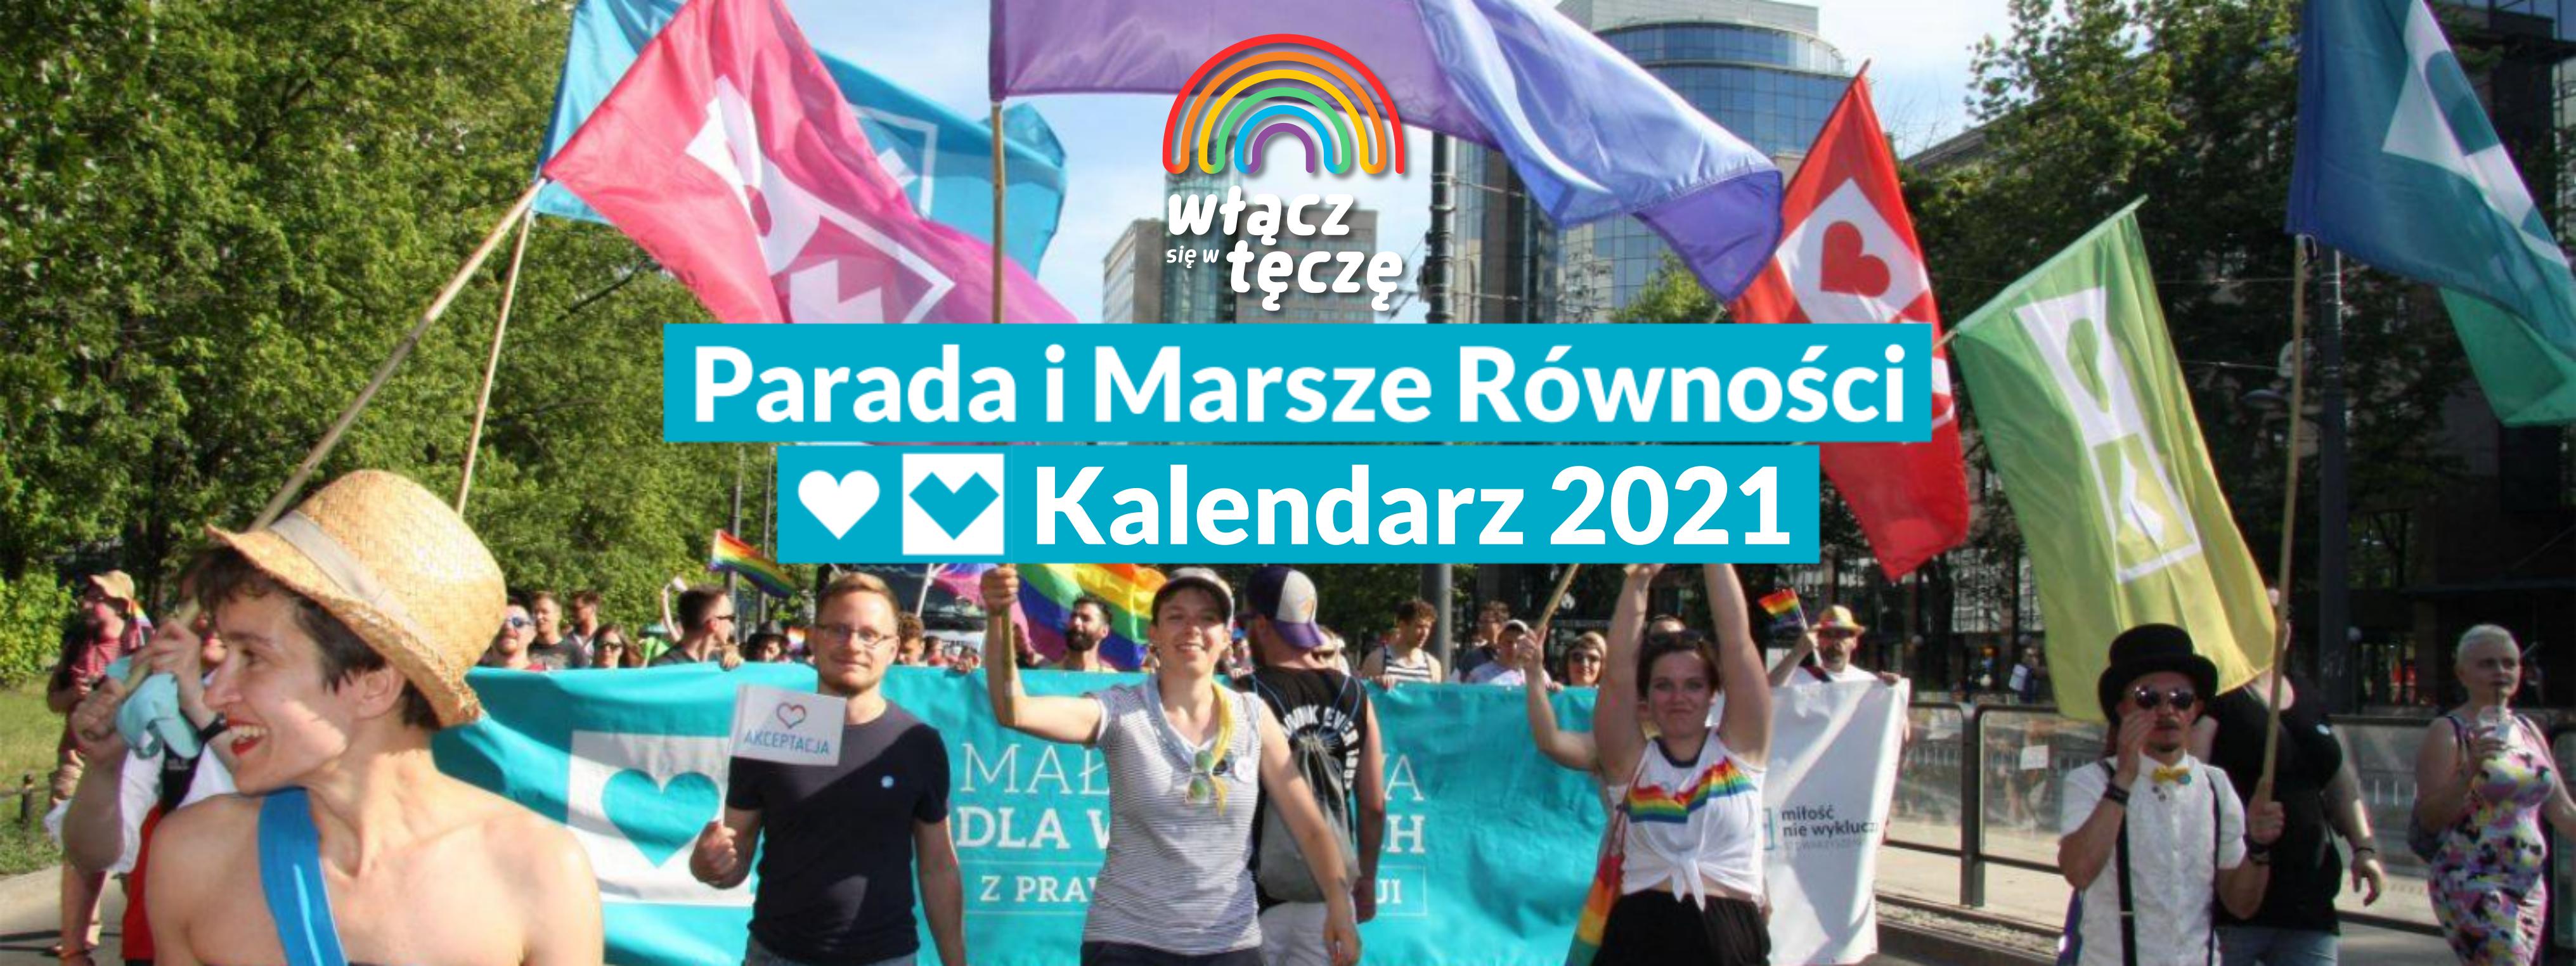 Parada i Marsze Równości 2021